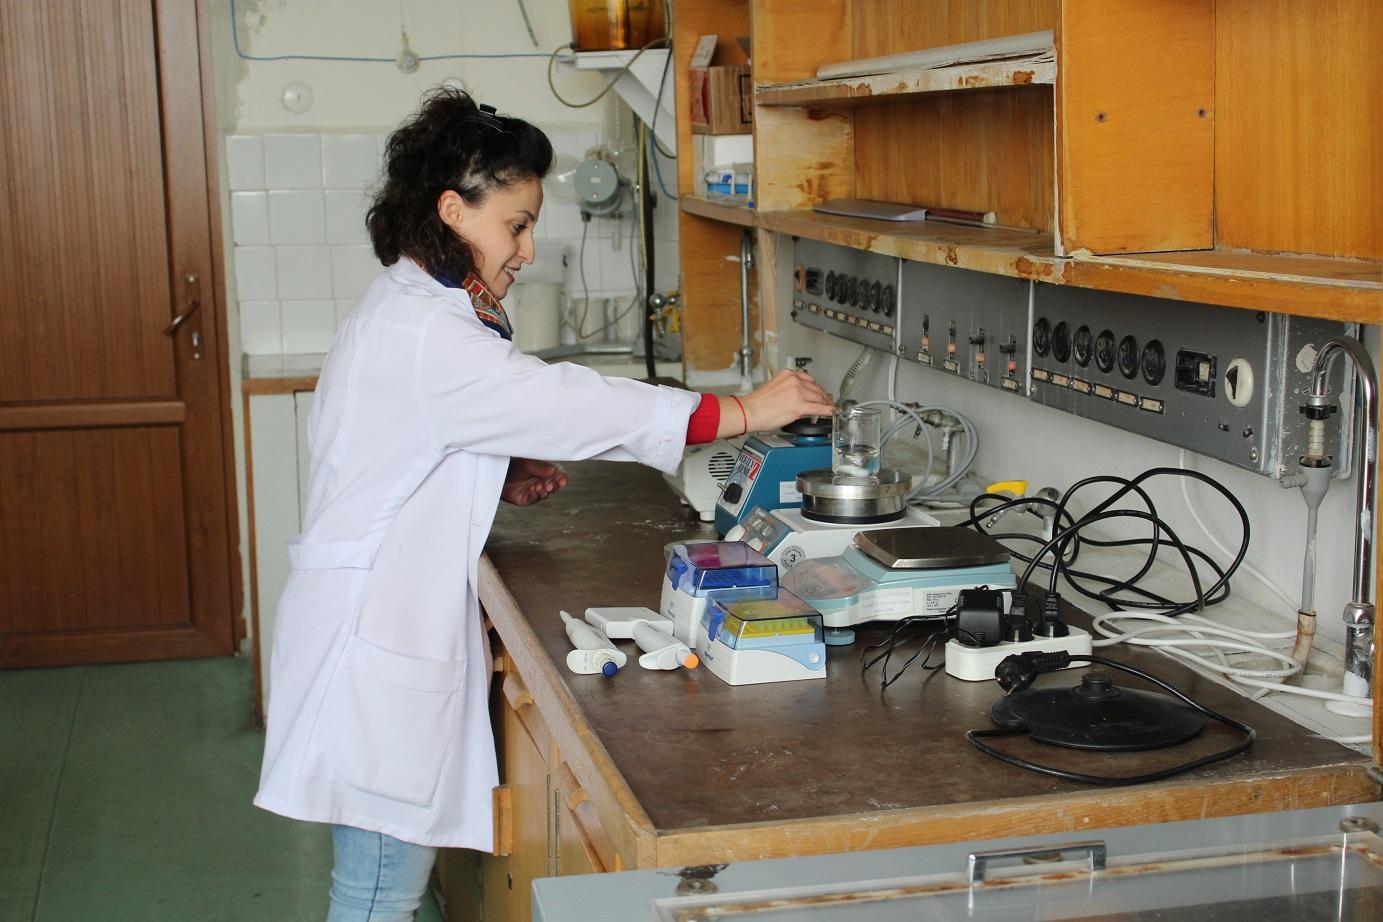 2 ANSEF 2018    biochem 4977, PI Flora Sarukhanyan.JPG